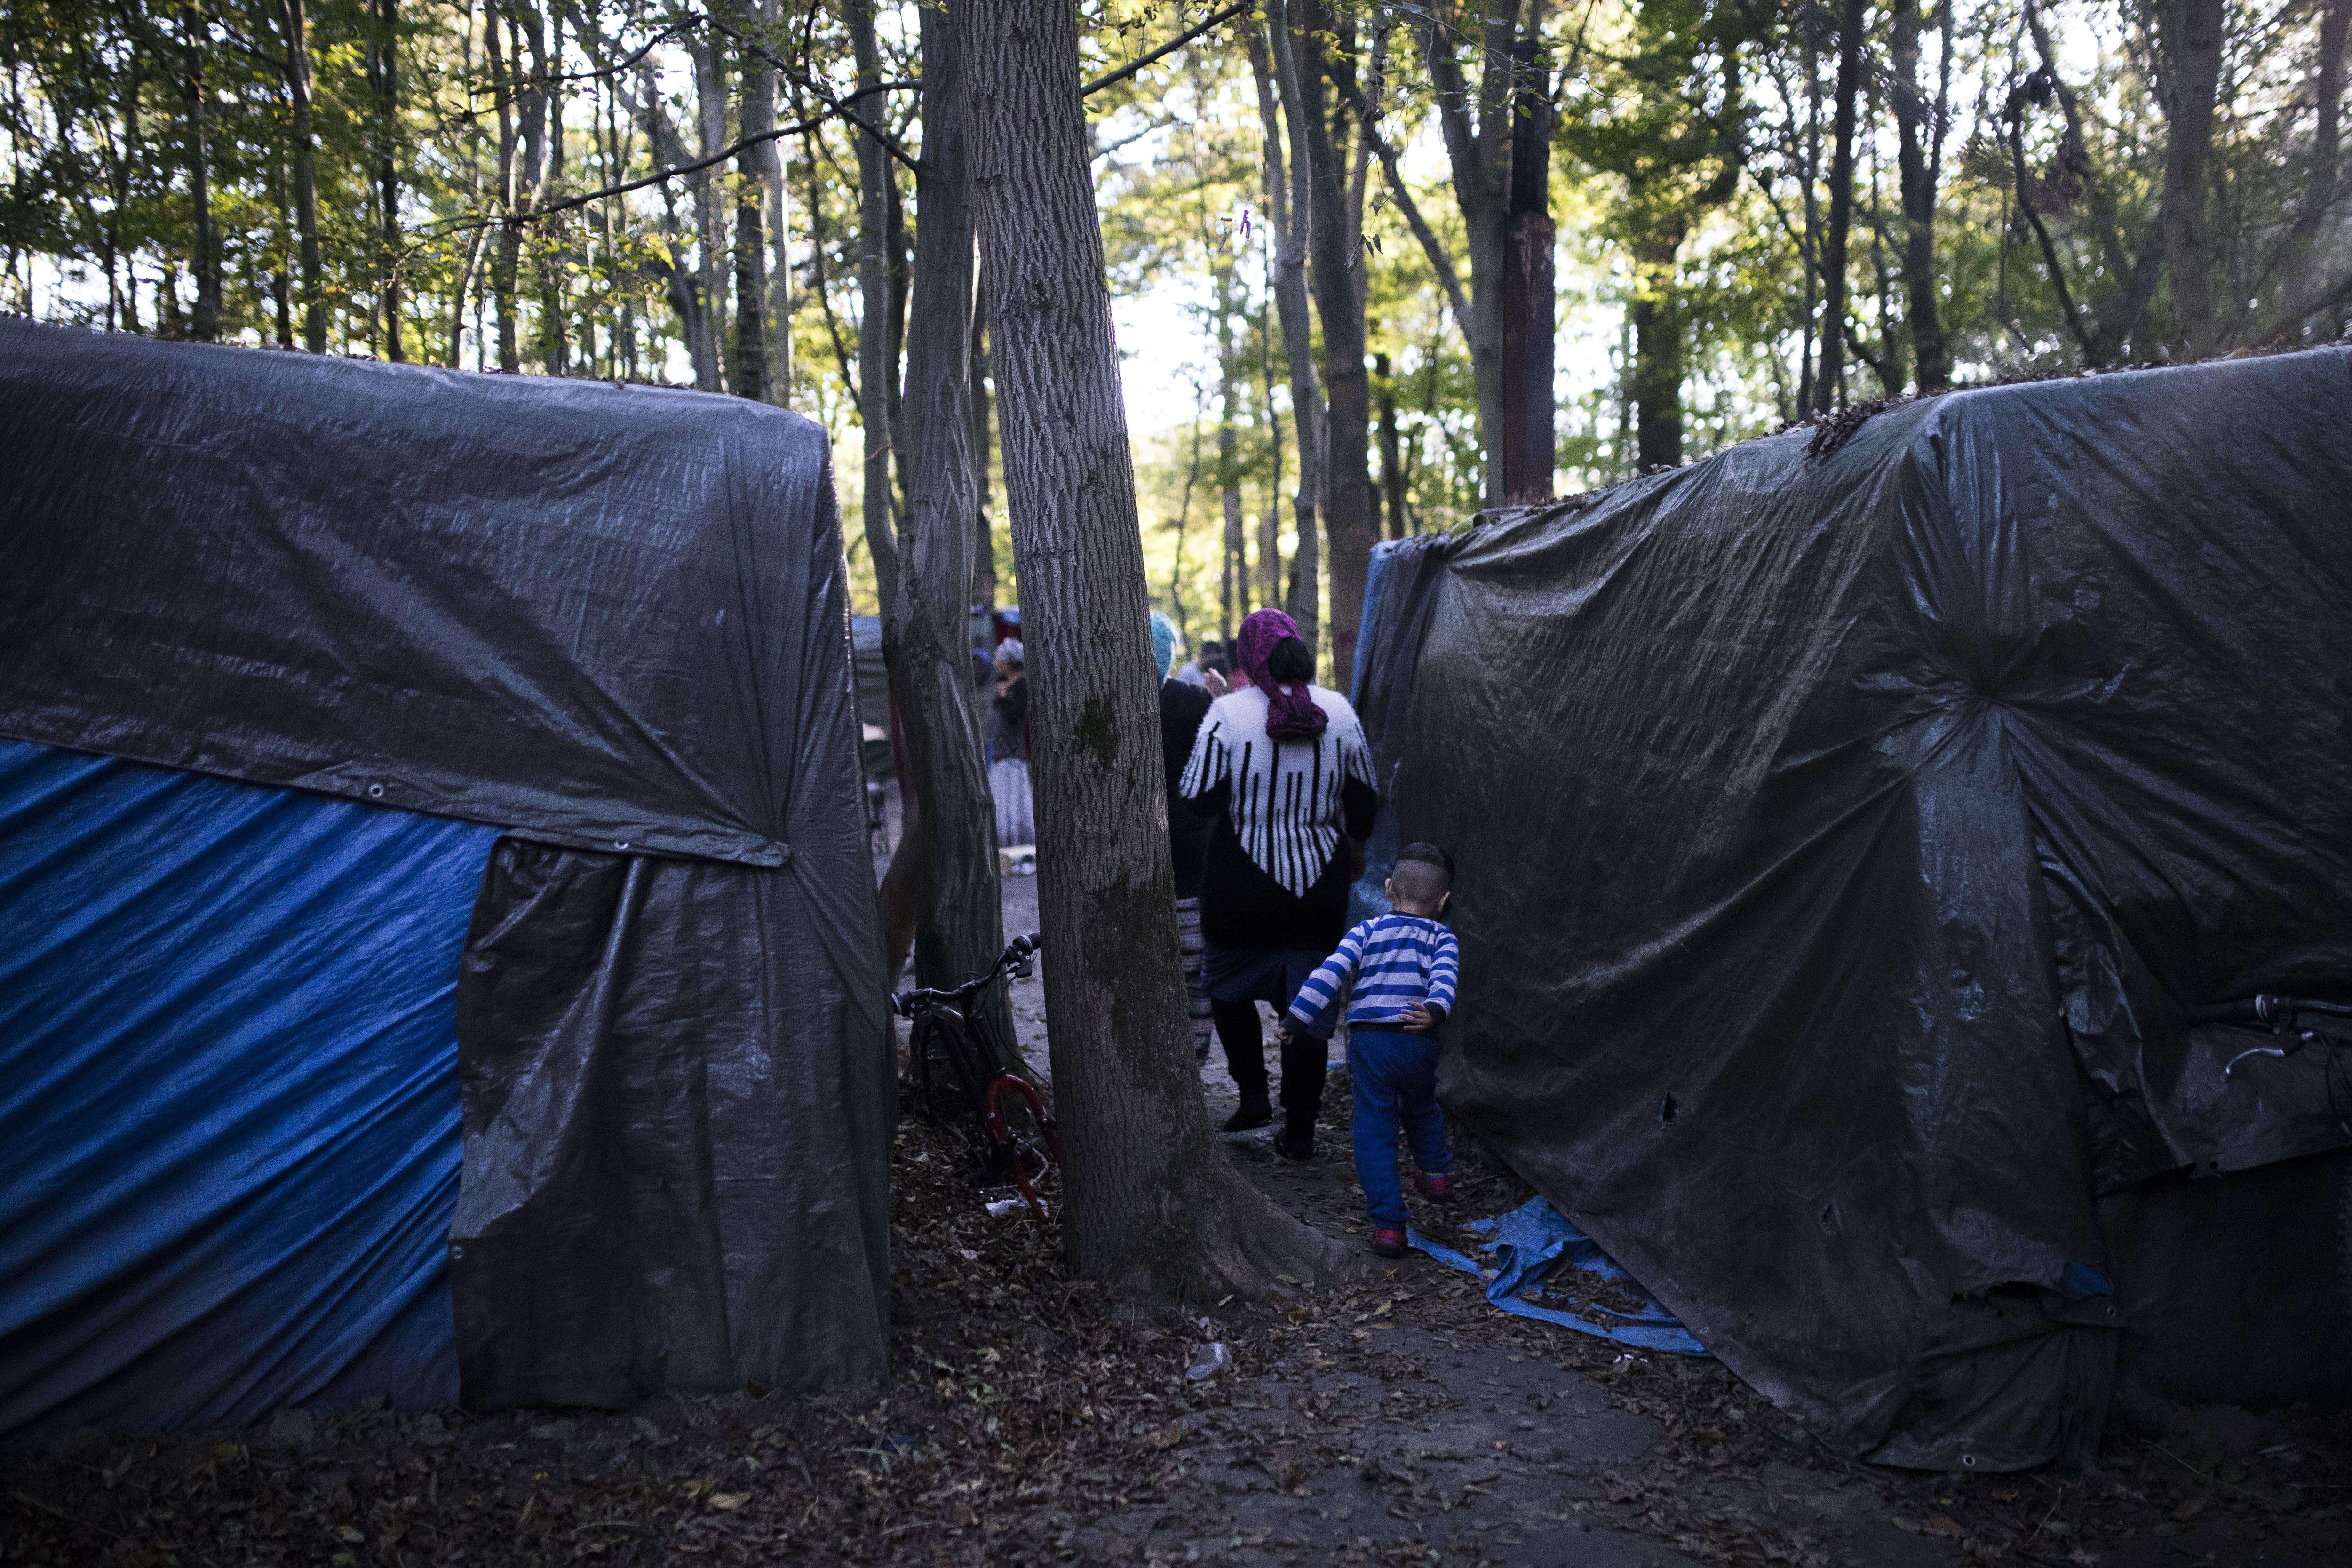 Dans ces bicoques de la forêt entre Noisiel et Noisy-le-Grand, des pères, des mères, des enfants se battent depuis l'été pour survivre, avec au-dessus de leur tête l'épée de Damoclès de l'expulsion.